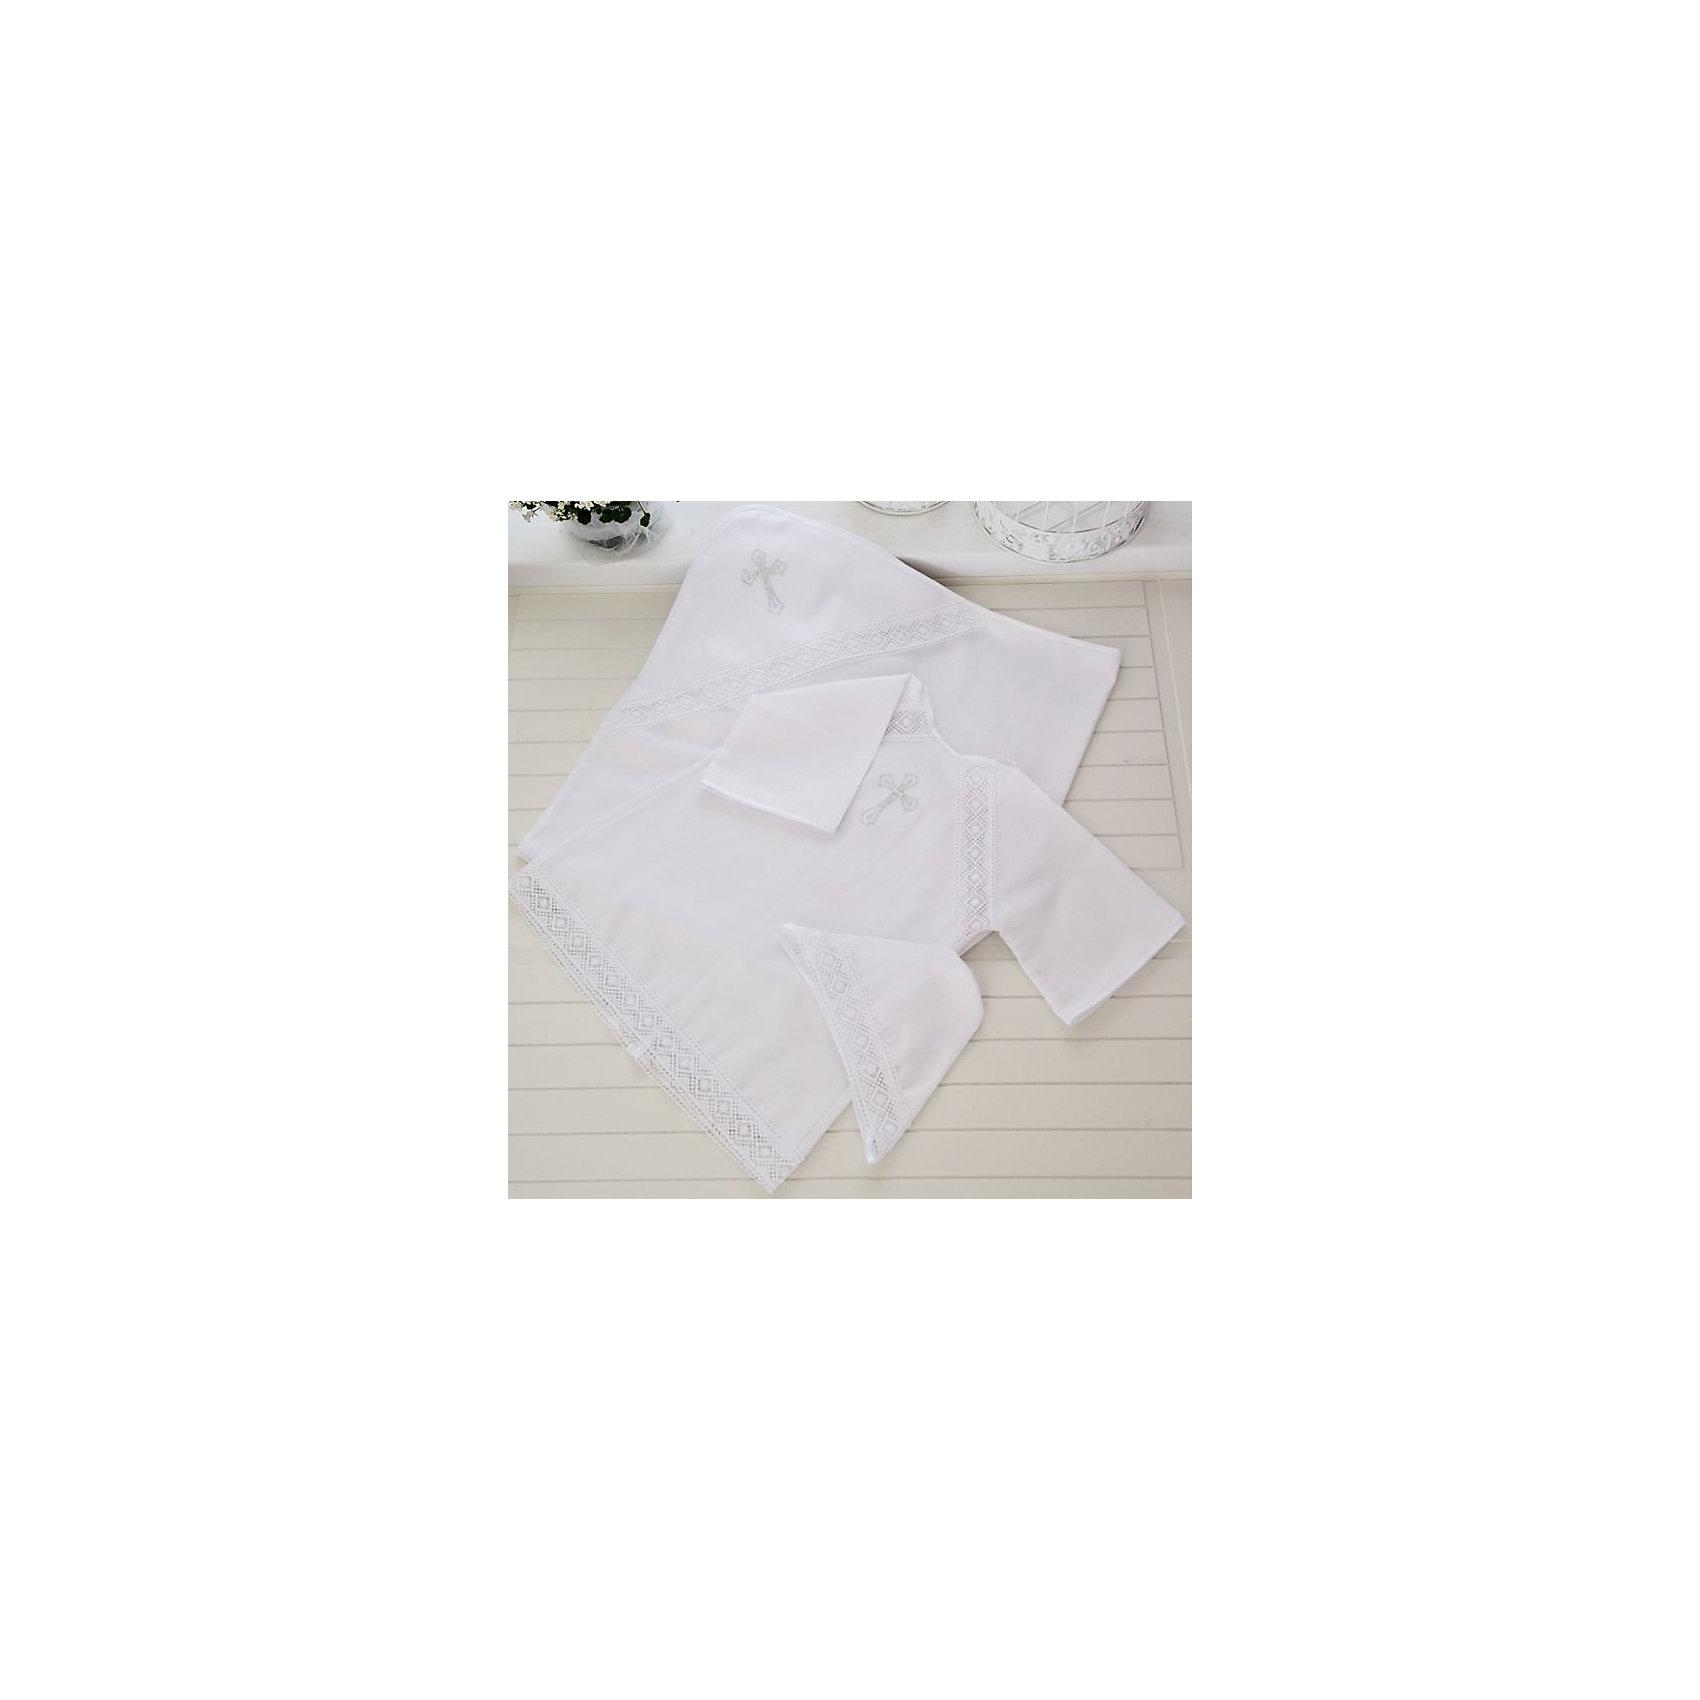 Арго Крестильный комплект 3 пред., 62-68р., Арго, белый крестильная одежда арго уголок с оборочкой 009 2н